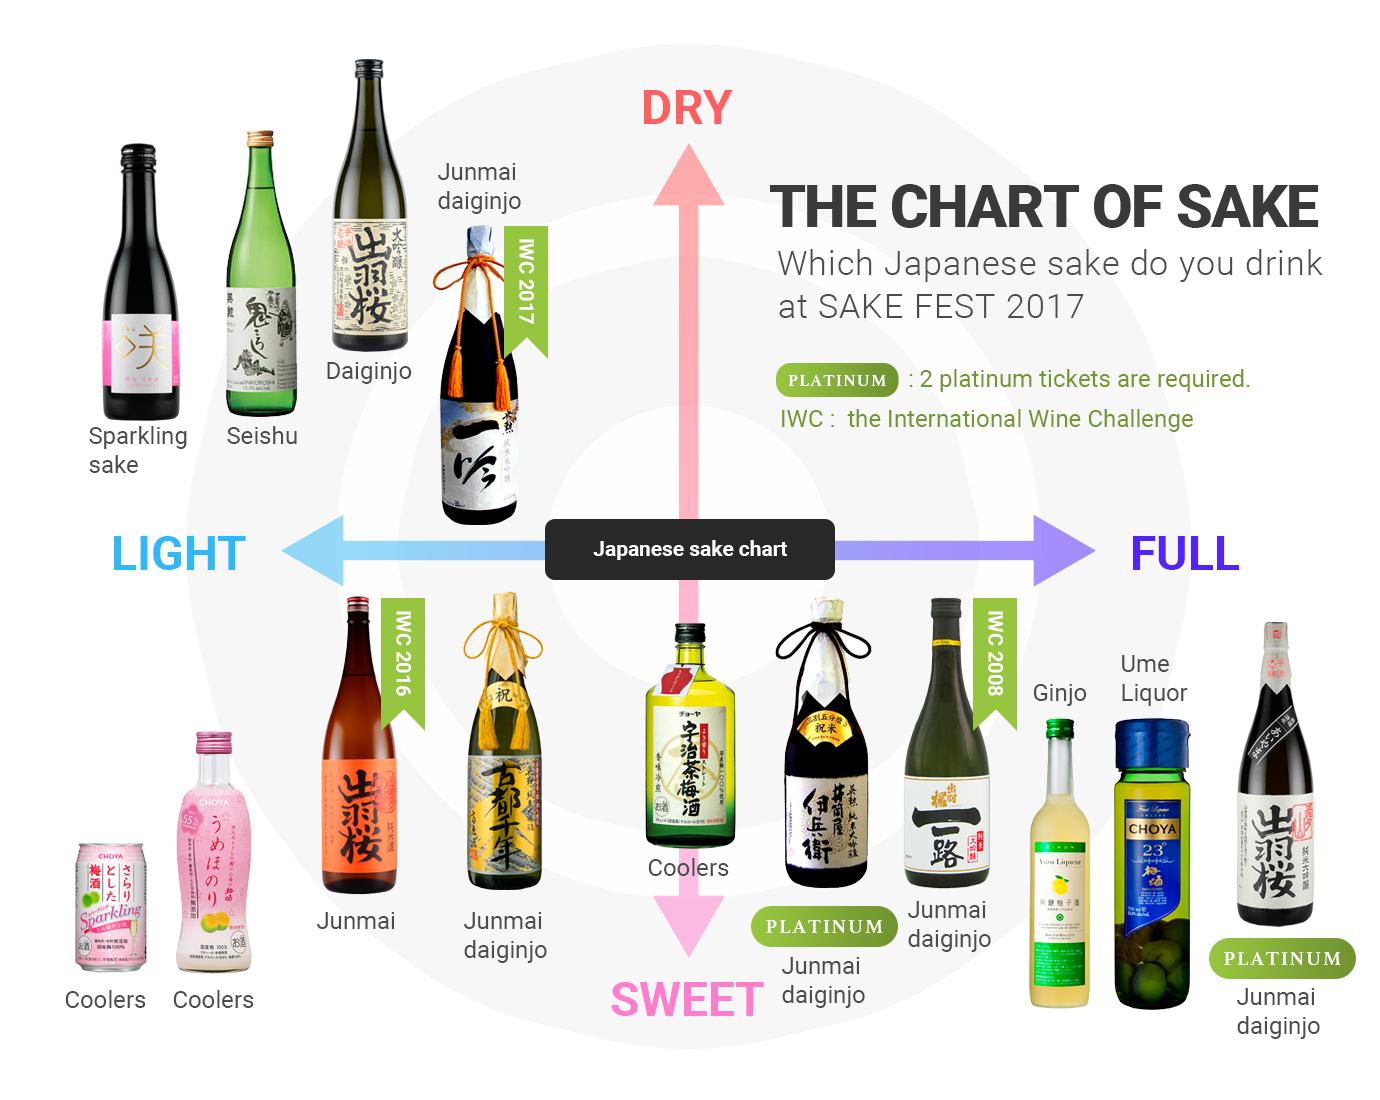 sakefest 2017 chart